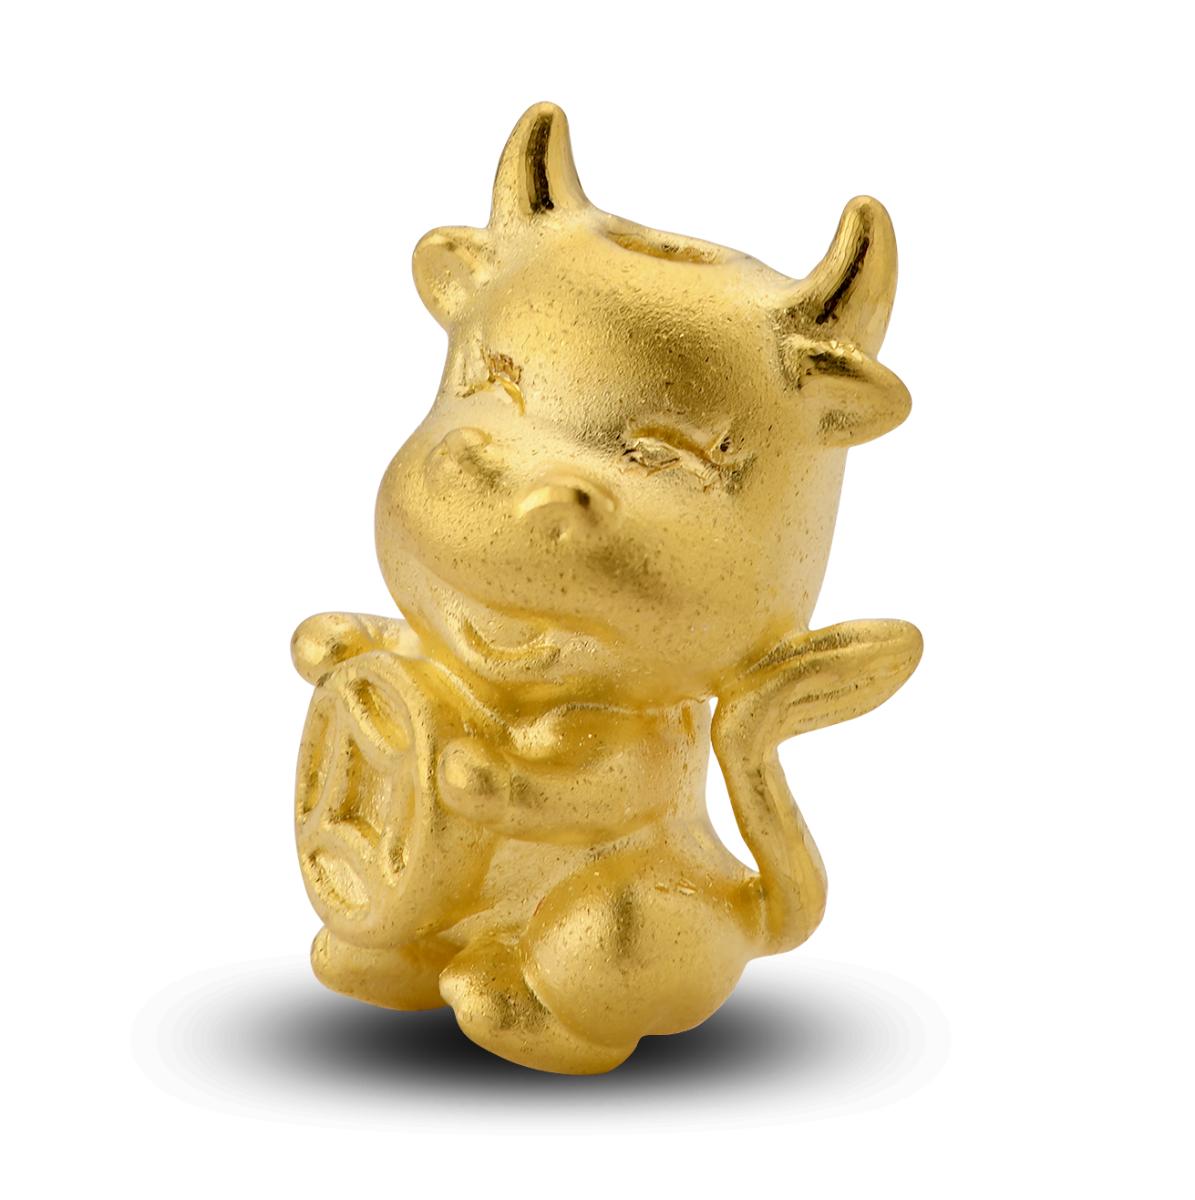 Sắm vòng tay charm vàng Tân Sửu để phát lộc phát tài cả năm: Từ 680k đã chốt được một chú - Ảnh 4.